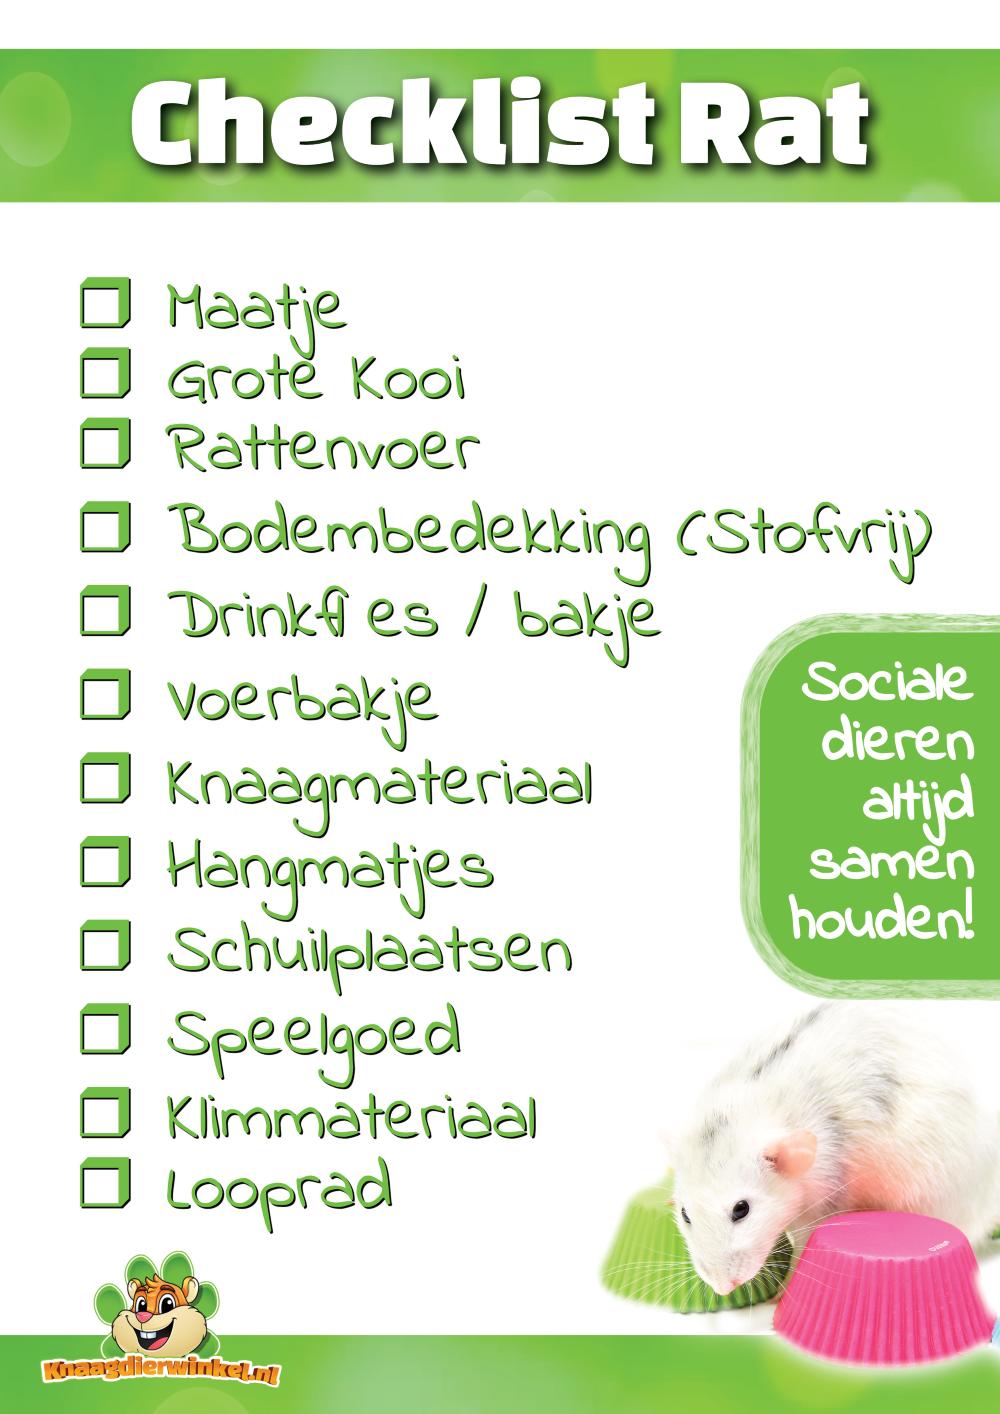 Checkliste rattenfrei